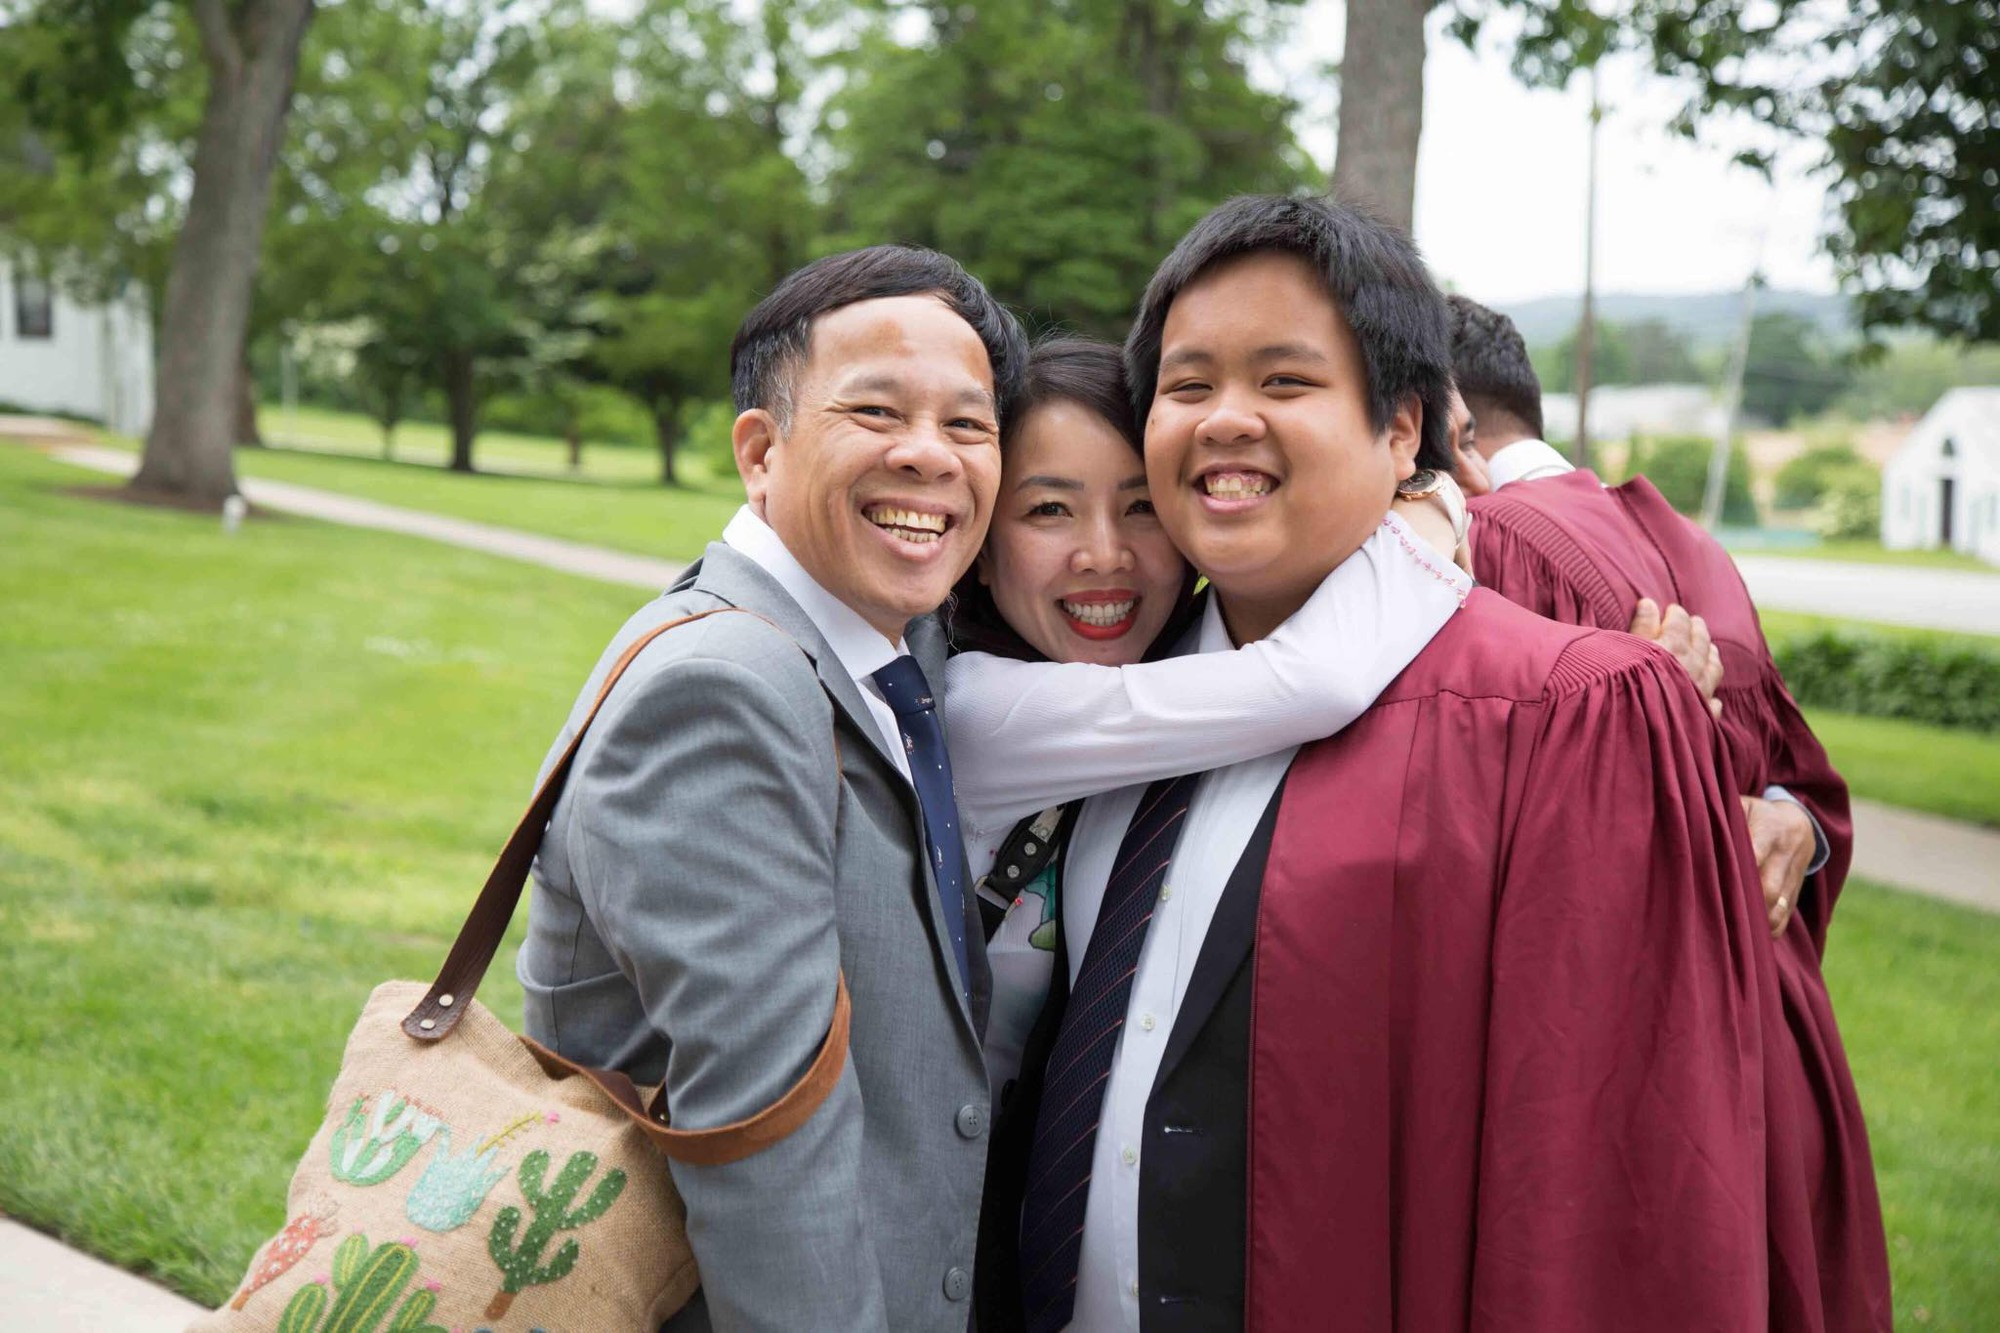 Chia sẻ xúc động của bố thần đồng Đỗ Nhật Nam trong ngày con trai tốt nghiệp THPT: Giây phút ấy thiêng liêng hơn tất thảy tiền tài và danh vọng-1